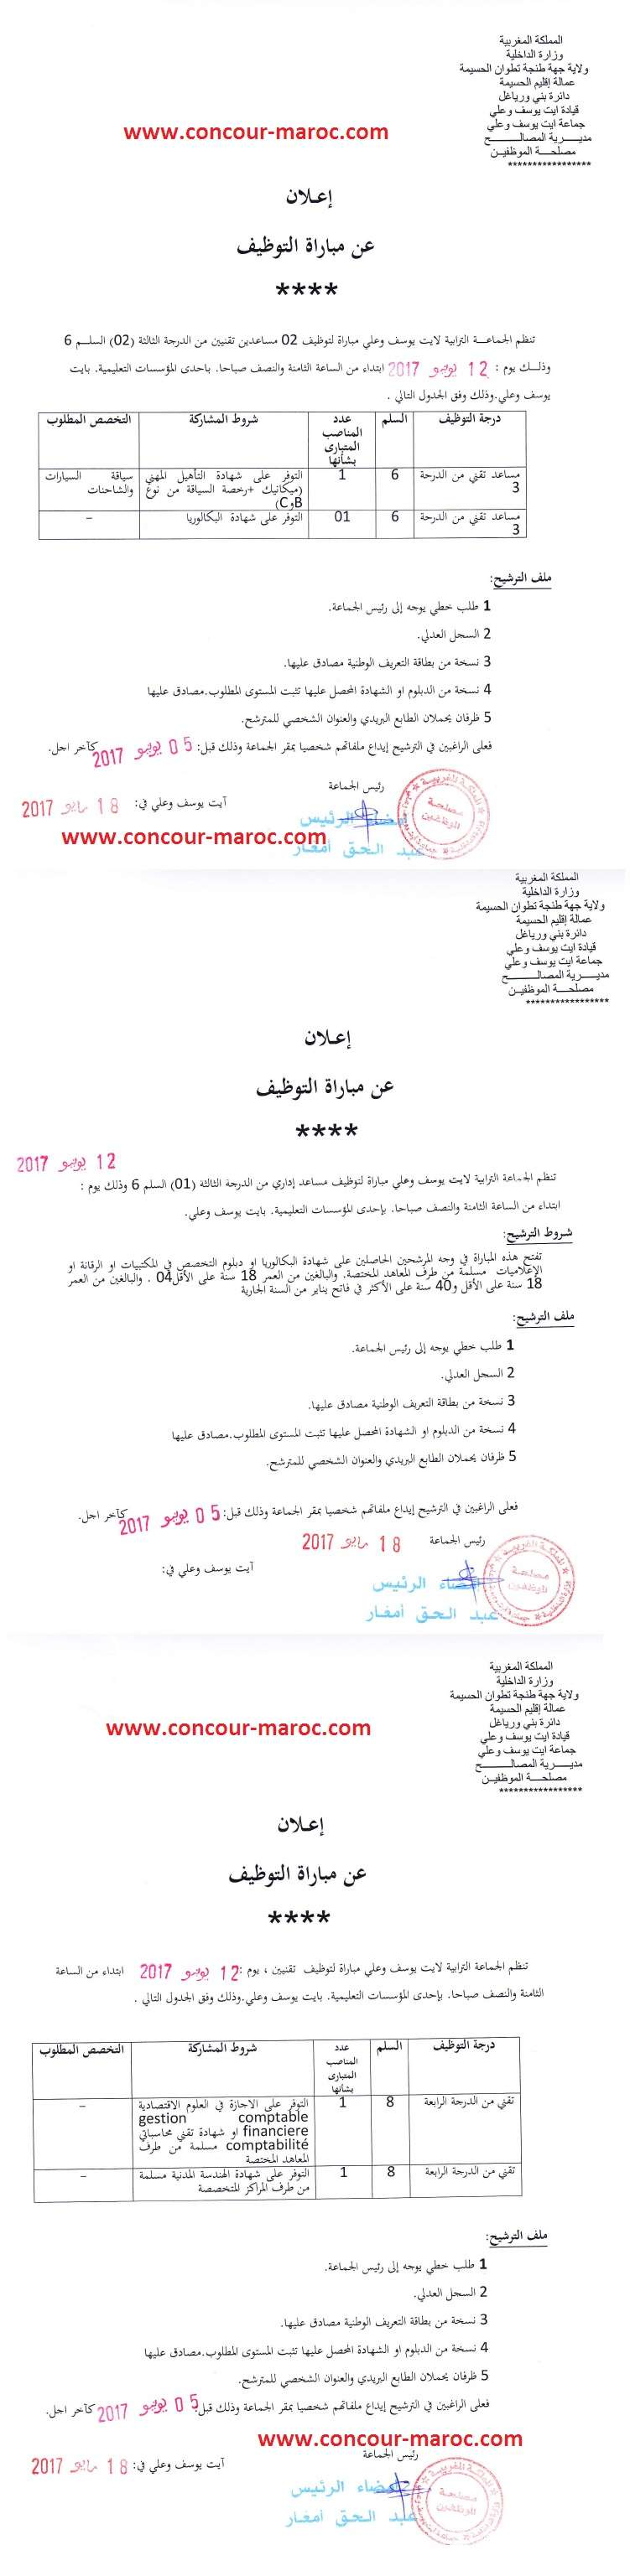 جماعة أيت يوسف وعلي (إقليم الحسيمة ) : مباراة توظيف في درجات مختلفة (10 منصب) آخر أجل لإيداع الترشيحات 5 يونيو 2017 Concou99